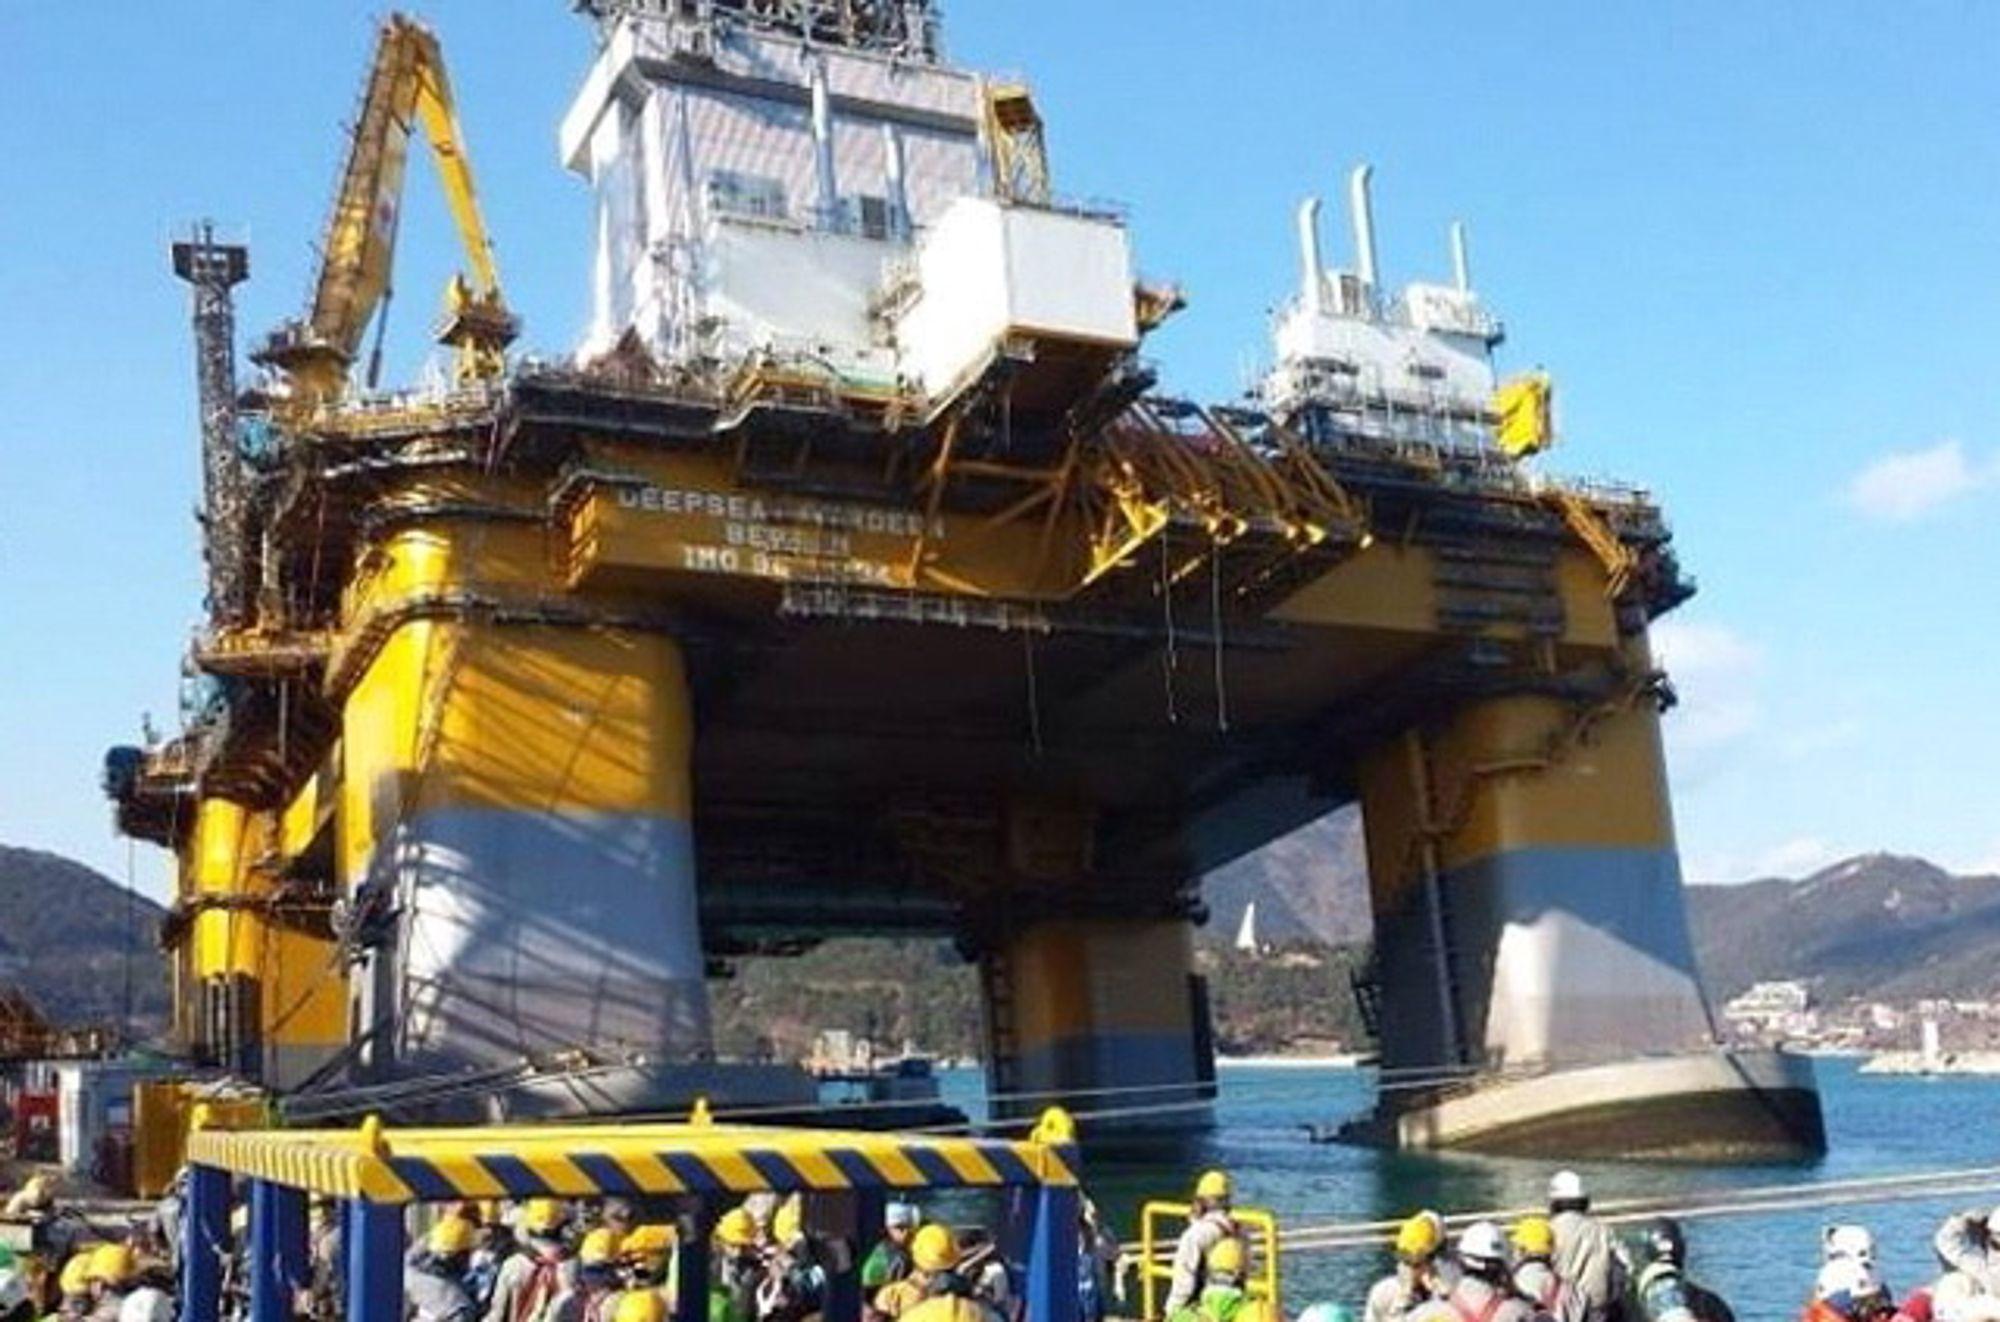 Tiltet: Vann trengte ukontrollert inn og medførte at Deepsea Aberdeen fikk slagside 28. desember 2013.